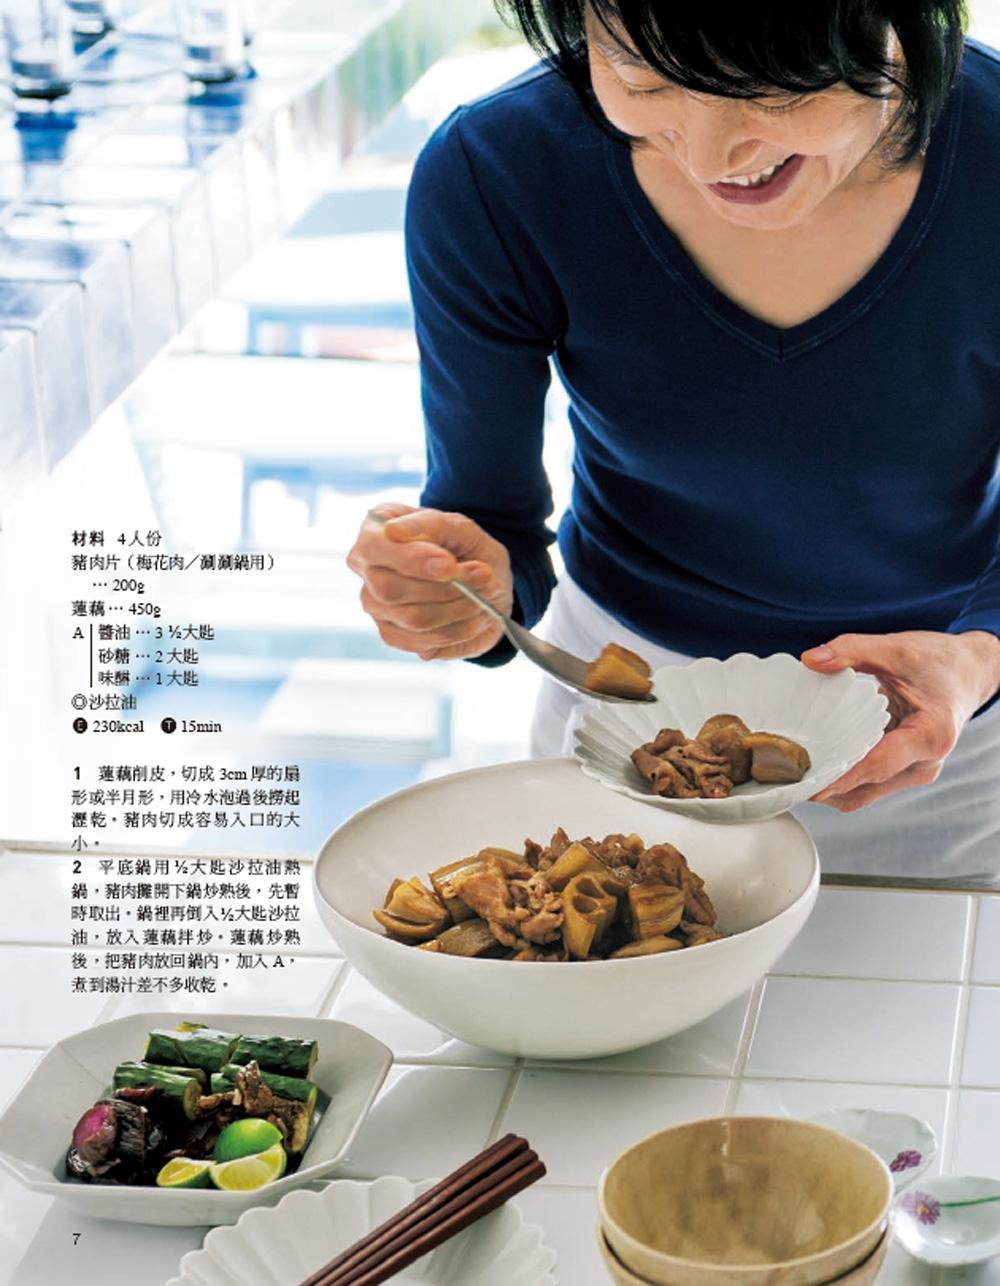 ◤博客來BOOKS◢ 暢銷書榜《推薦》harumi今日的料理100選:NHK最受歡迎烹飪節目60週年紀念,百萬粉絲最渴望學會的栗原晴美食譜